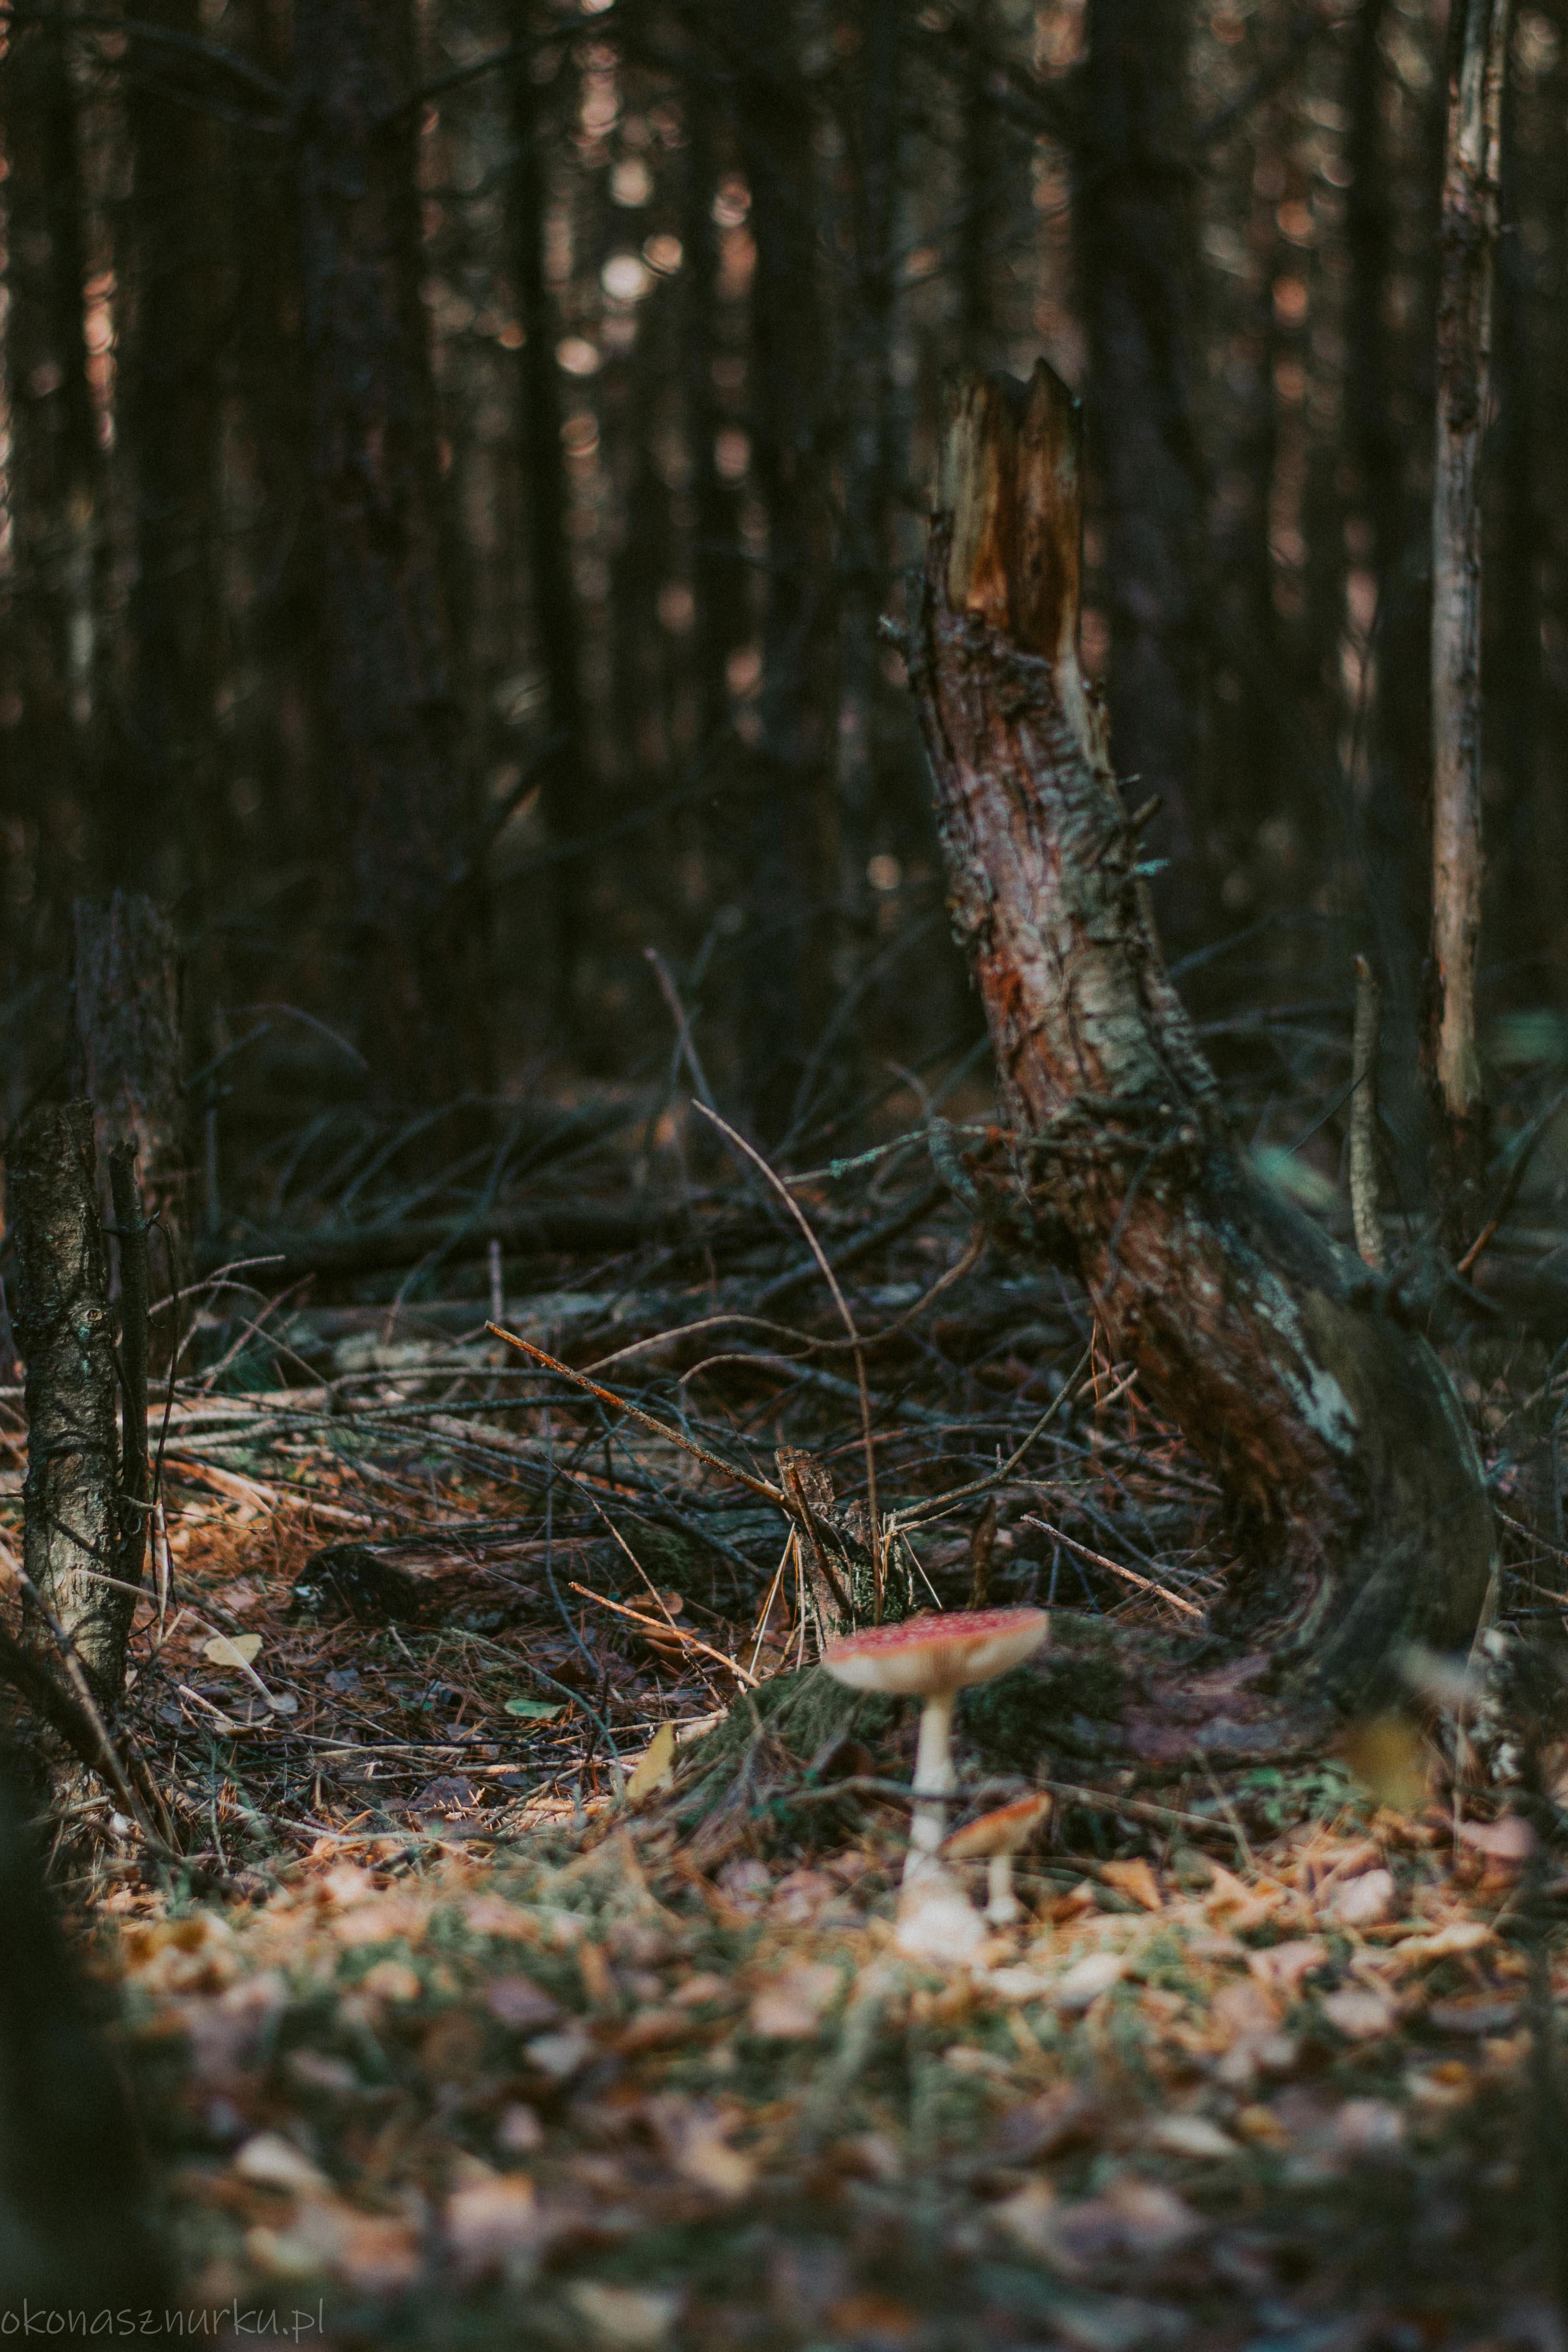 grzybobranie-okonasznurku (25)